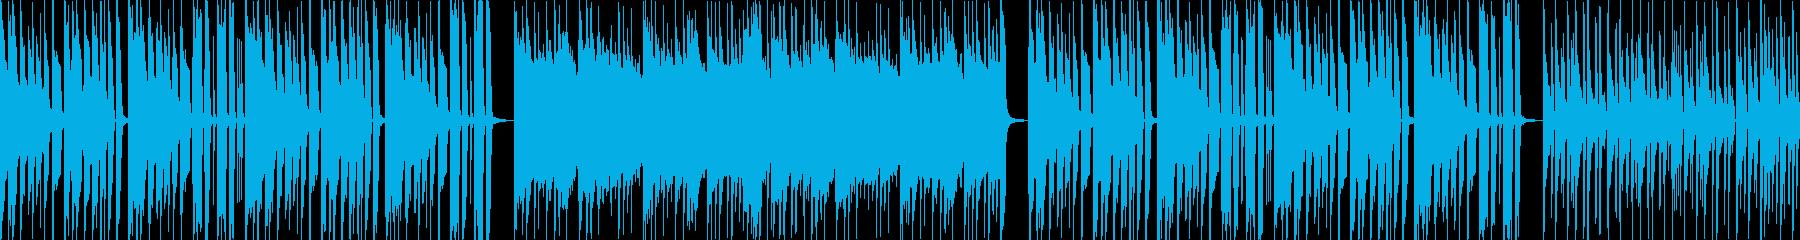 軽快でオシャレなインストループの再生済みの波形